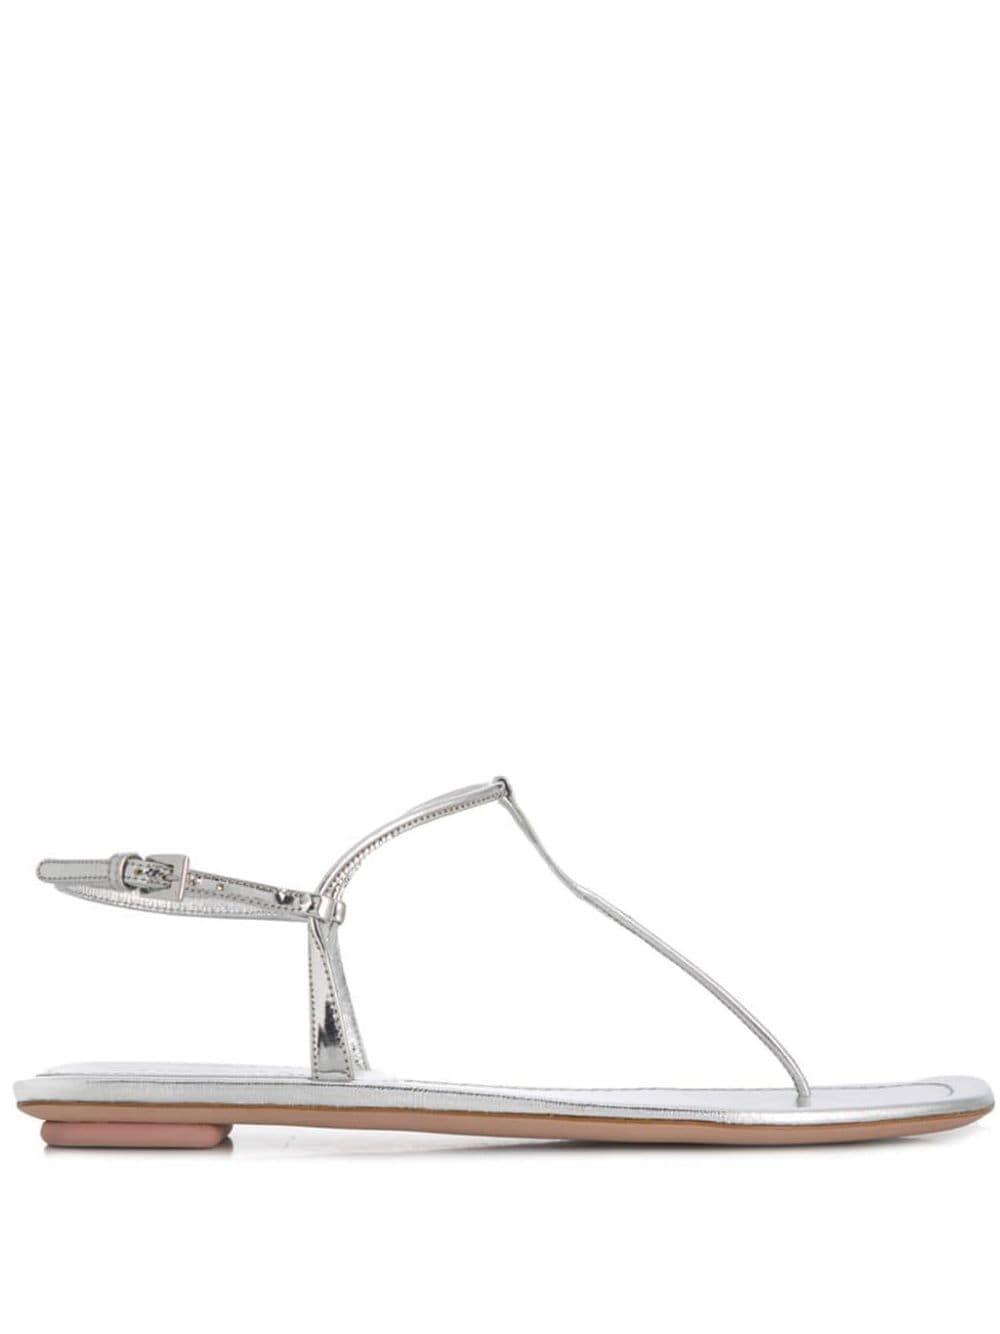 Prada Sandalen mit Steg - Silber